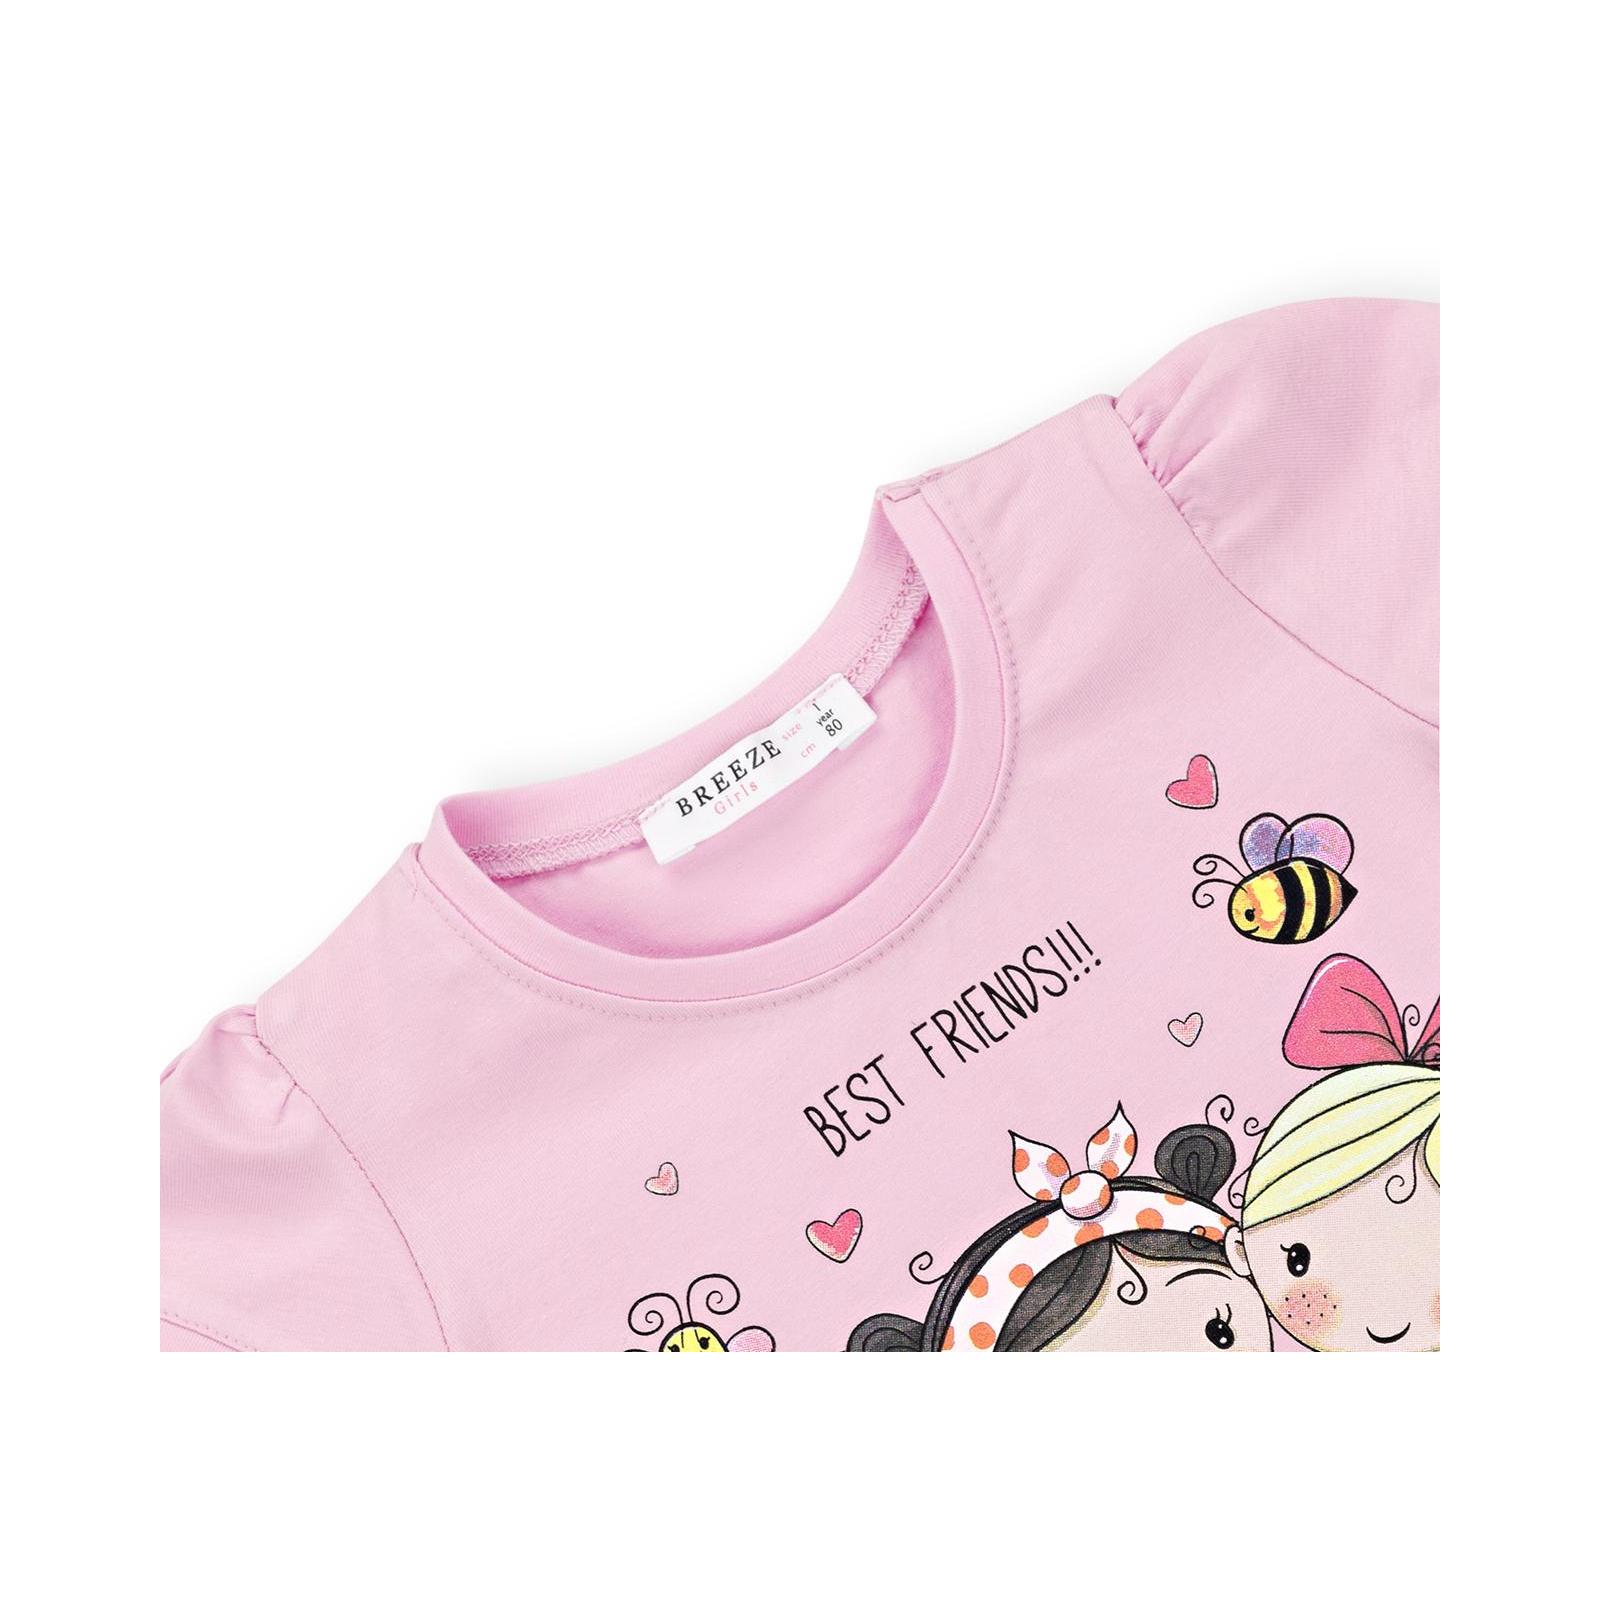 """Футболка детская Breeze """"BEST FRENDS"""" (11043-92G-pink) изображение 3"""